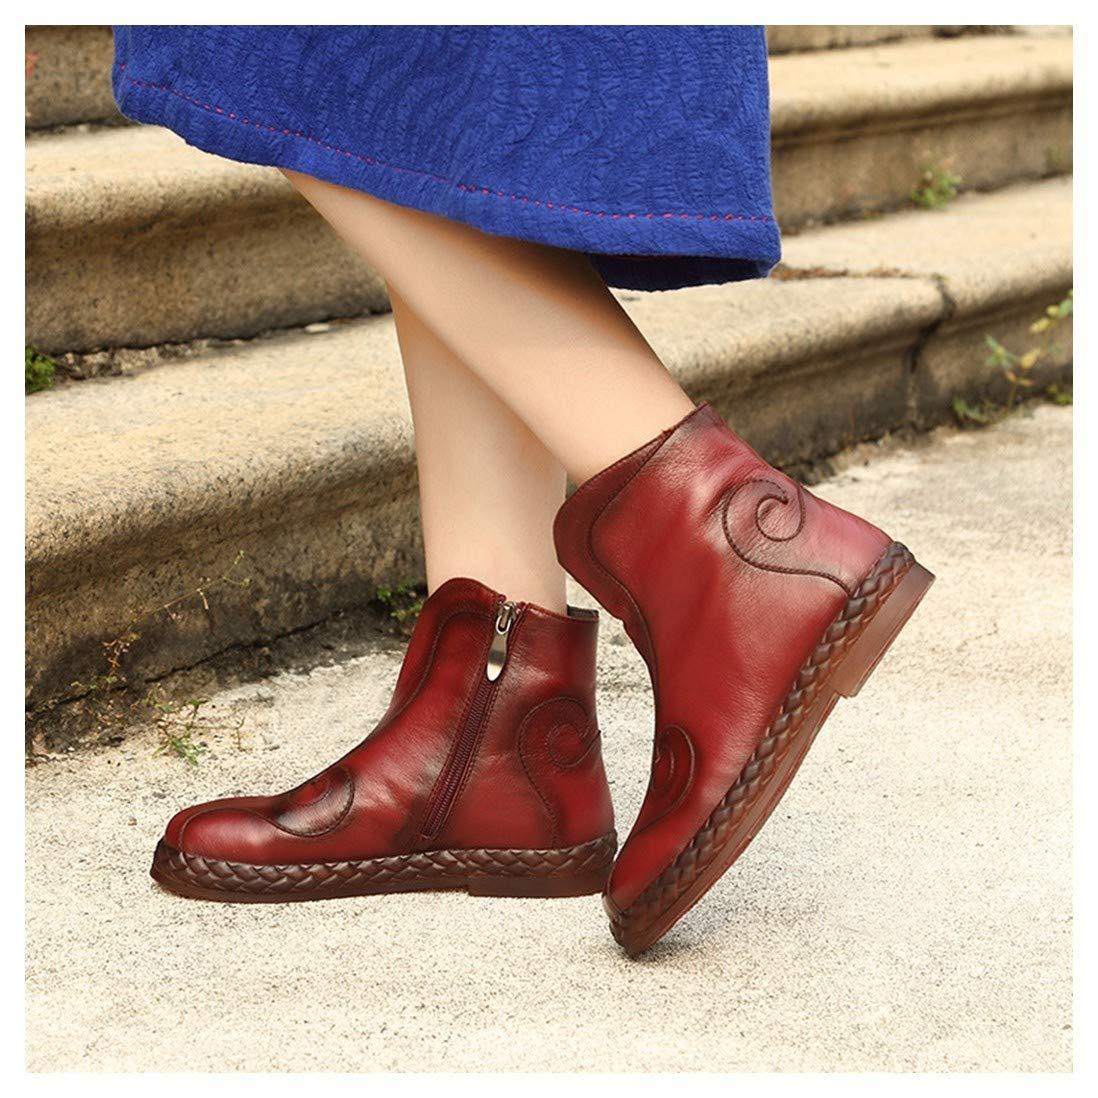 BeatinToes Frauen Retro Kurz Stiefel Handarbeit Natürliche Echt Leder Martin Stiefel Flachen Boden Seitliche Reißverschluss Wasserdicht Tabelle Reine Farbe Prägen Schuhe